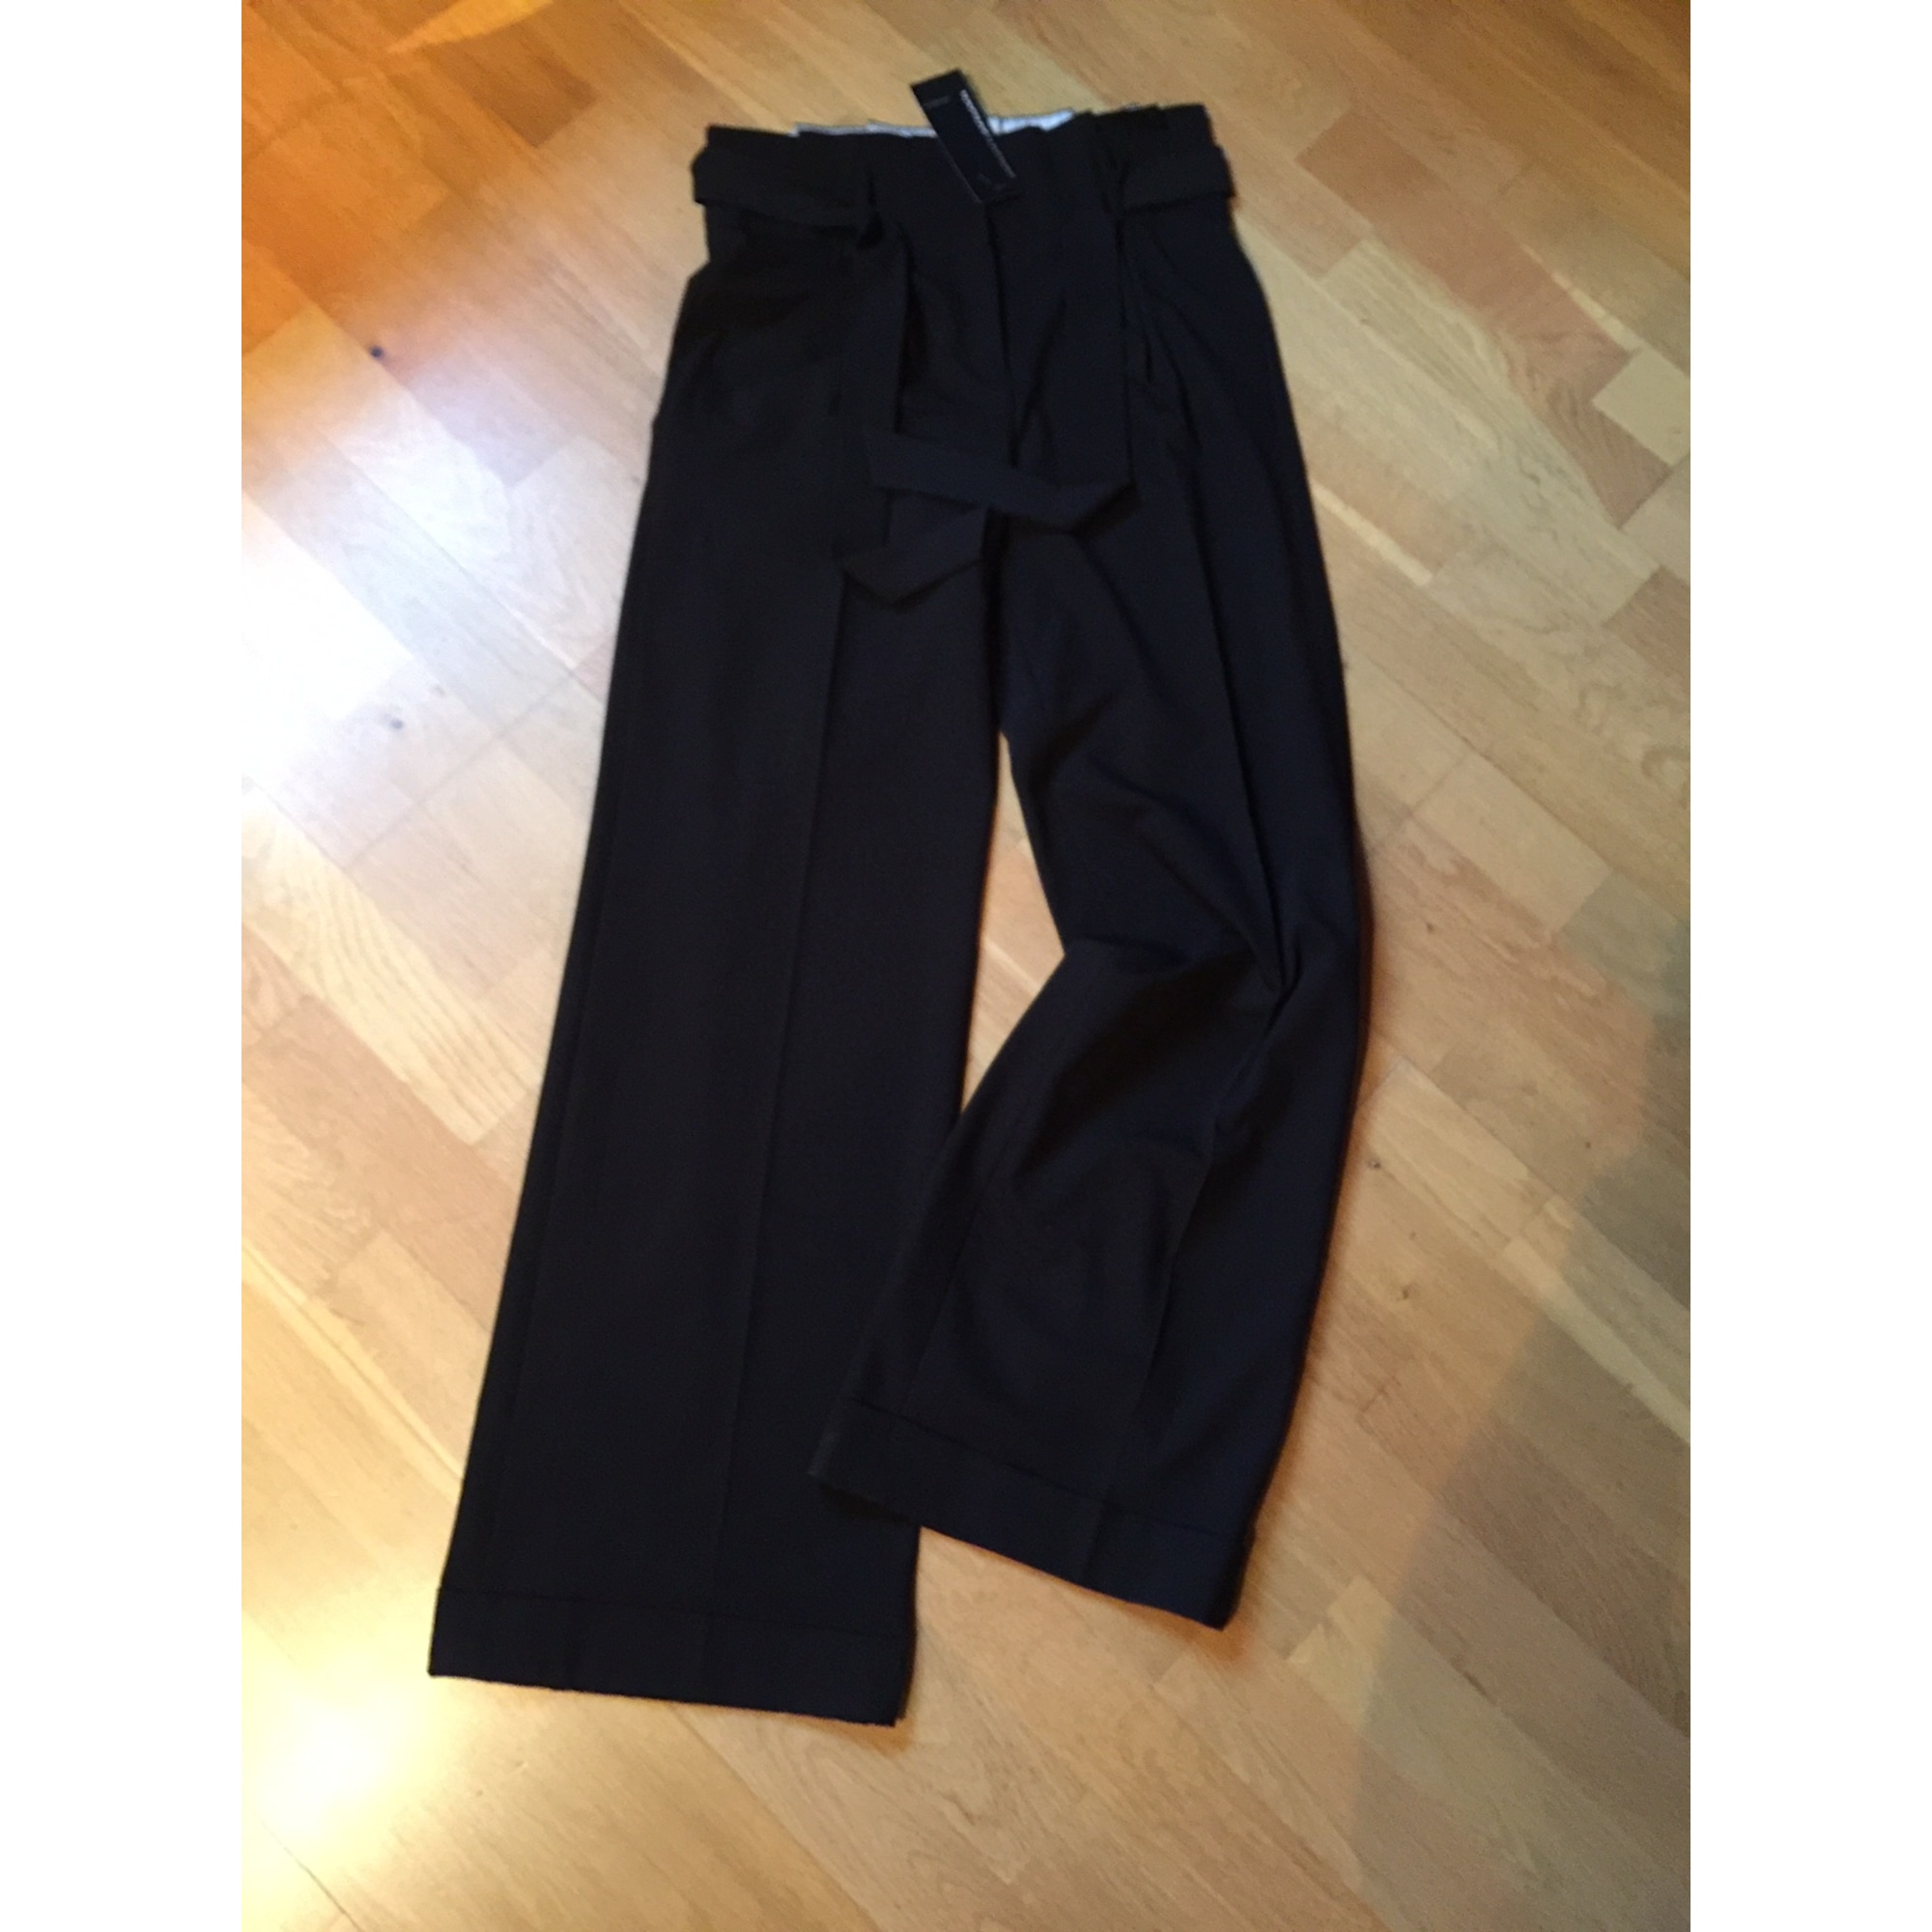 Excellente qualité nouveau design prix raisonnable Pantalon large